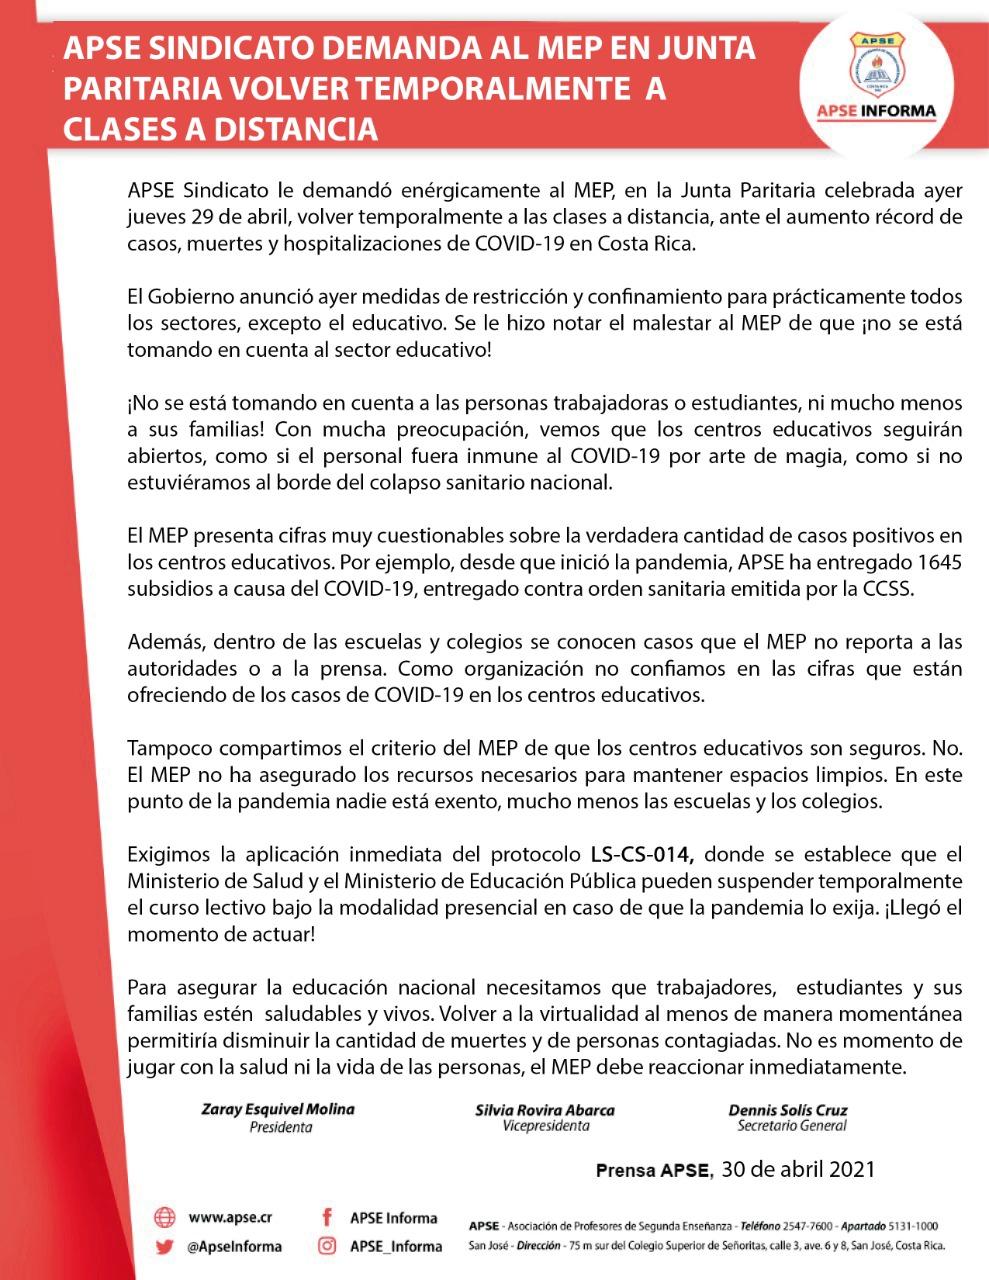 APSE SINDICATO DEMANDA AL MEP EN JUNTA PARITARIA VOLVER TEMPORALMENTE A CLASES A DISTANCIA